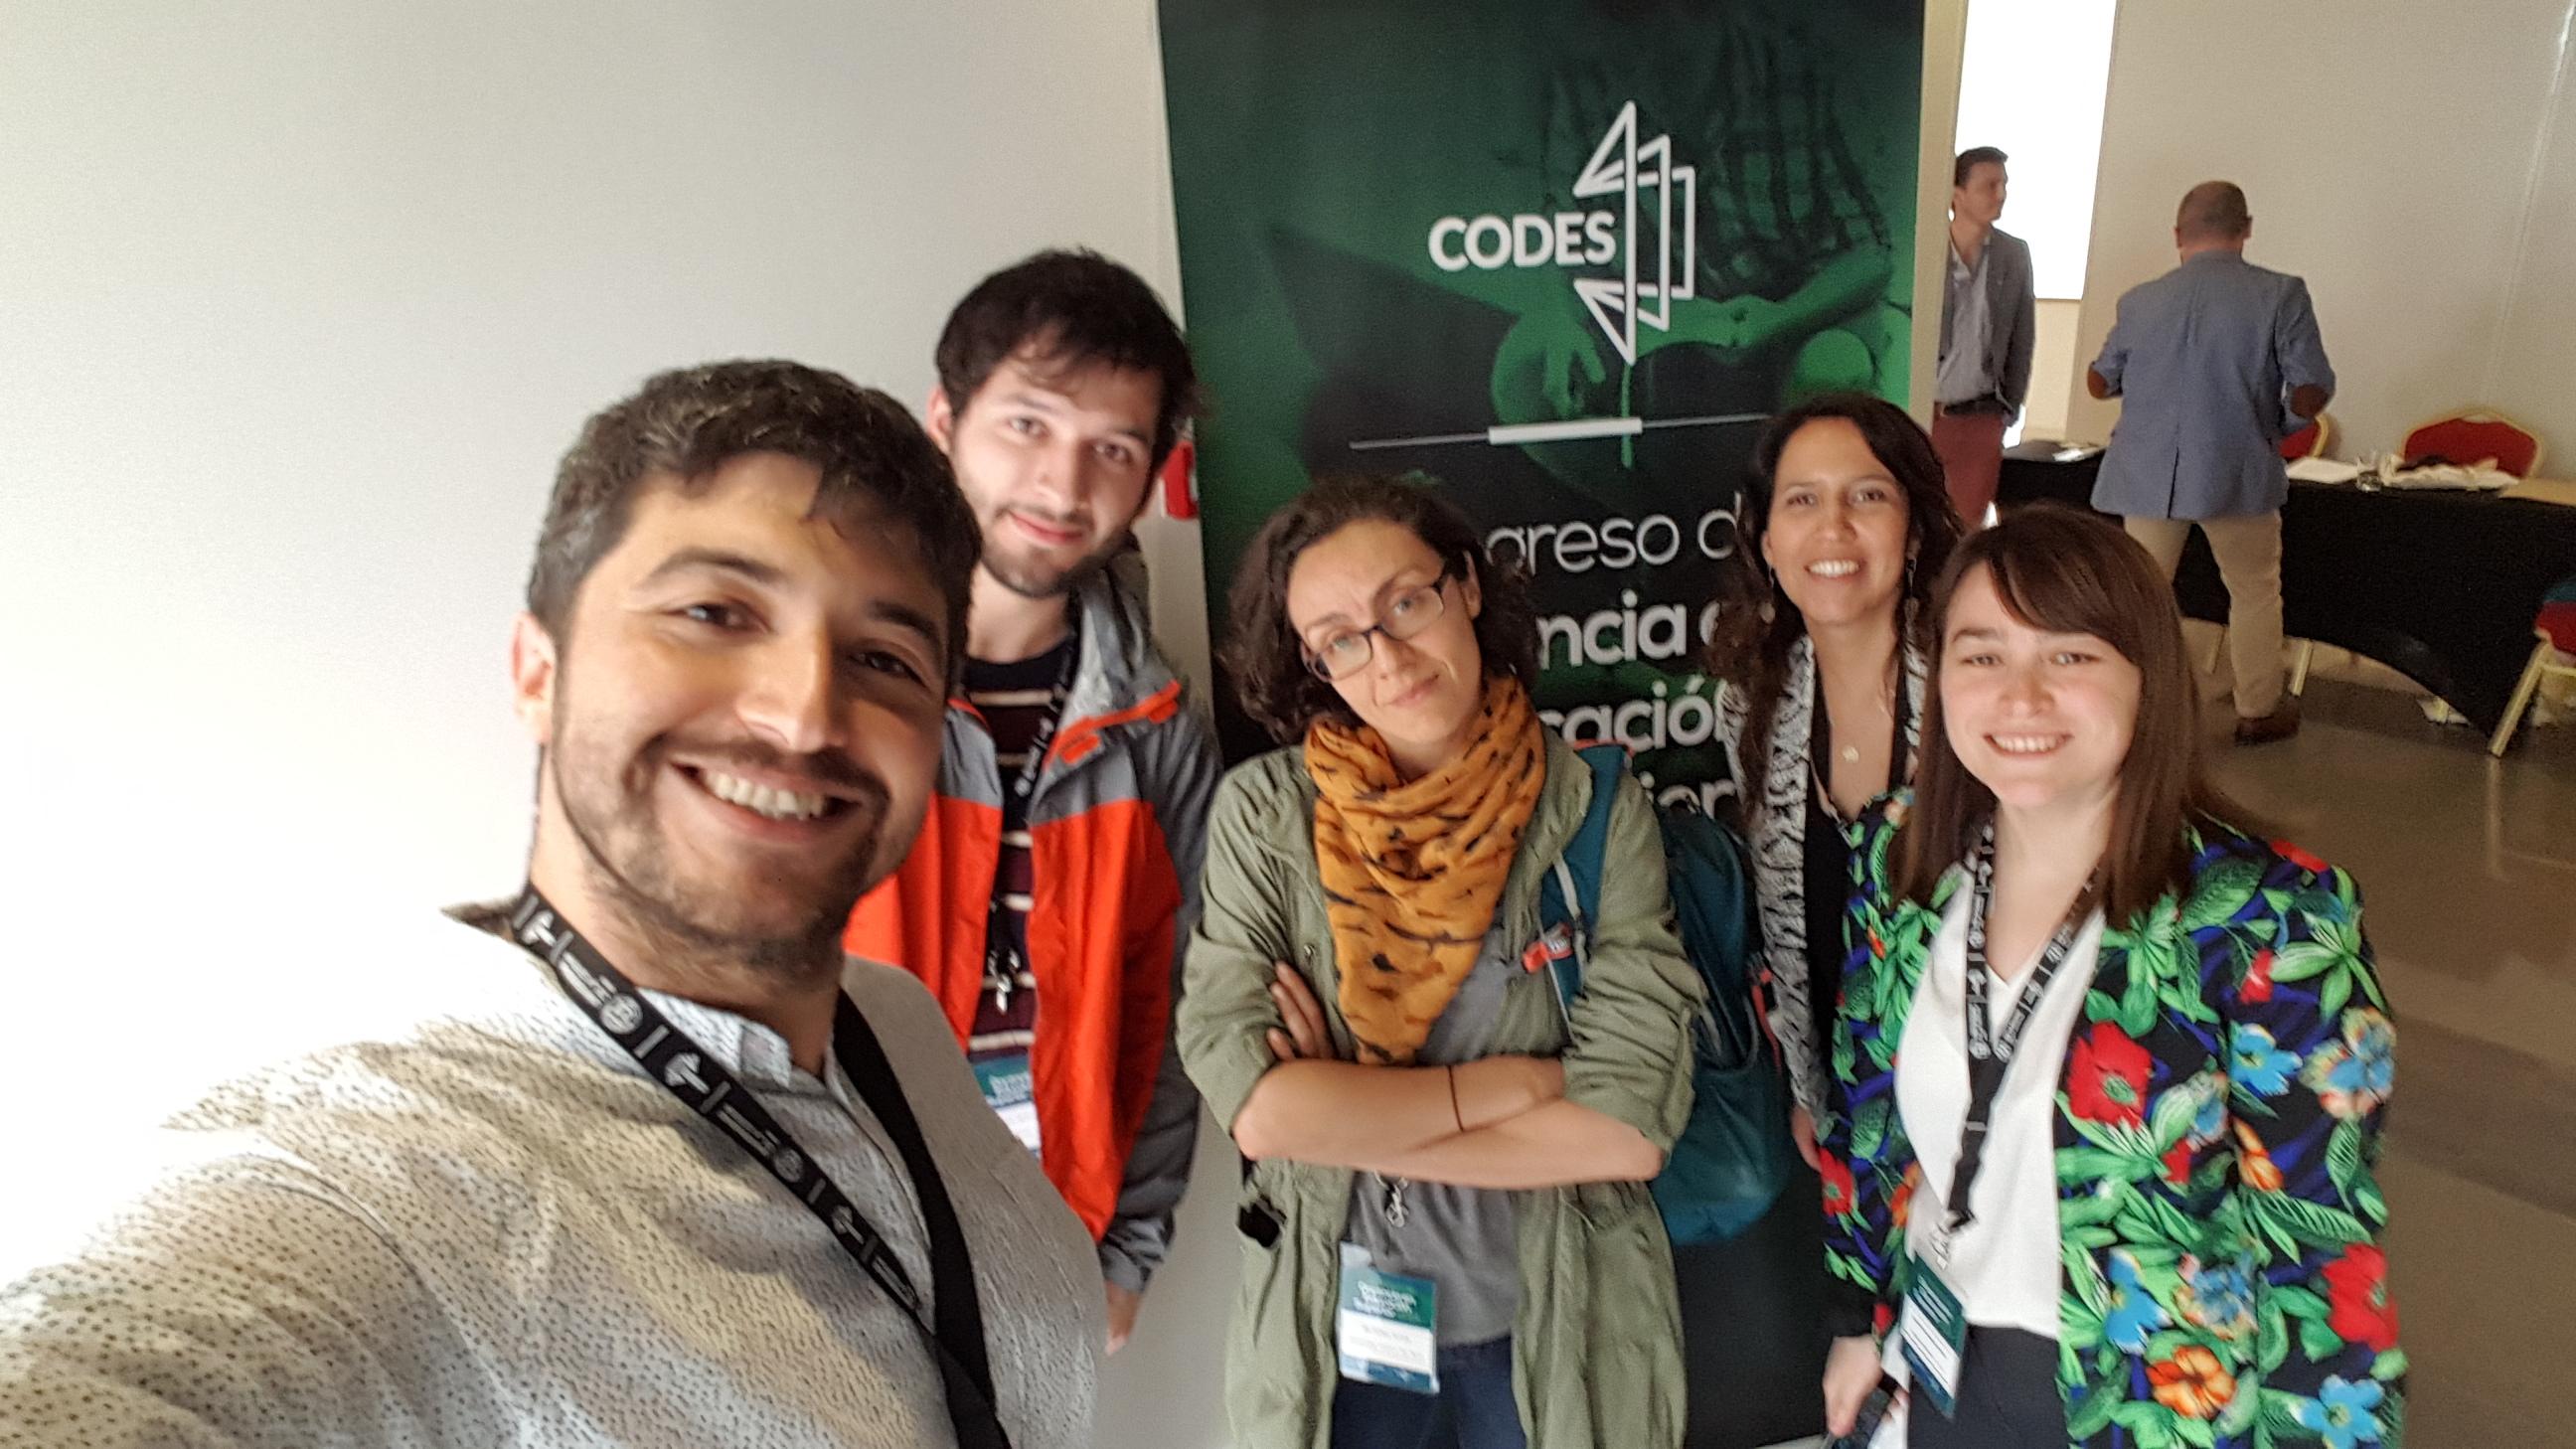 Comitiva de la Facultad de Ciencias Básicas UCM tuvo destacada participación en Congreso Internacional